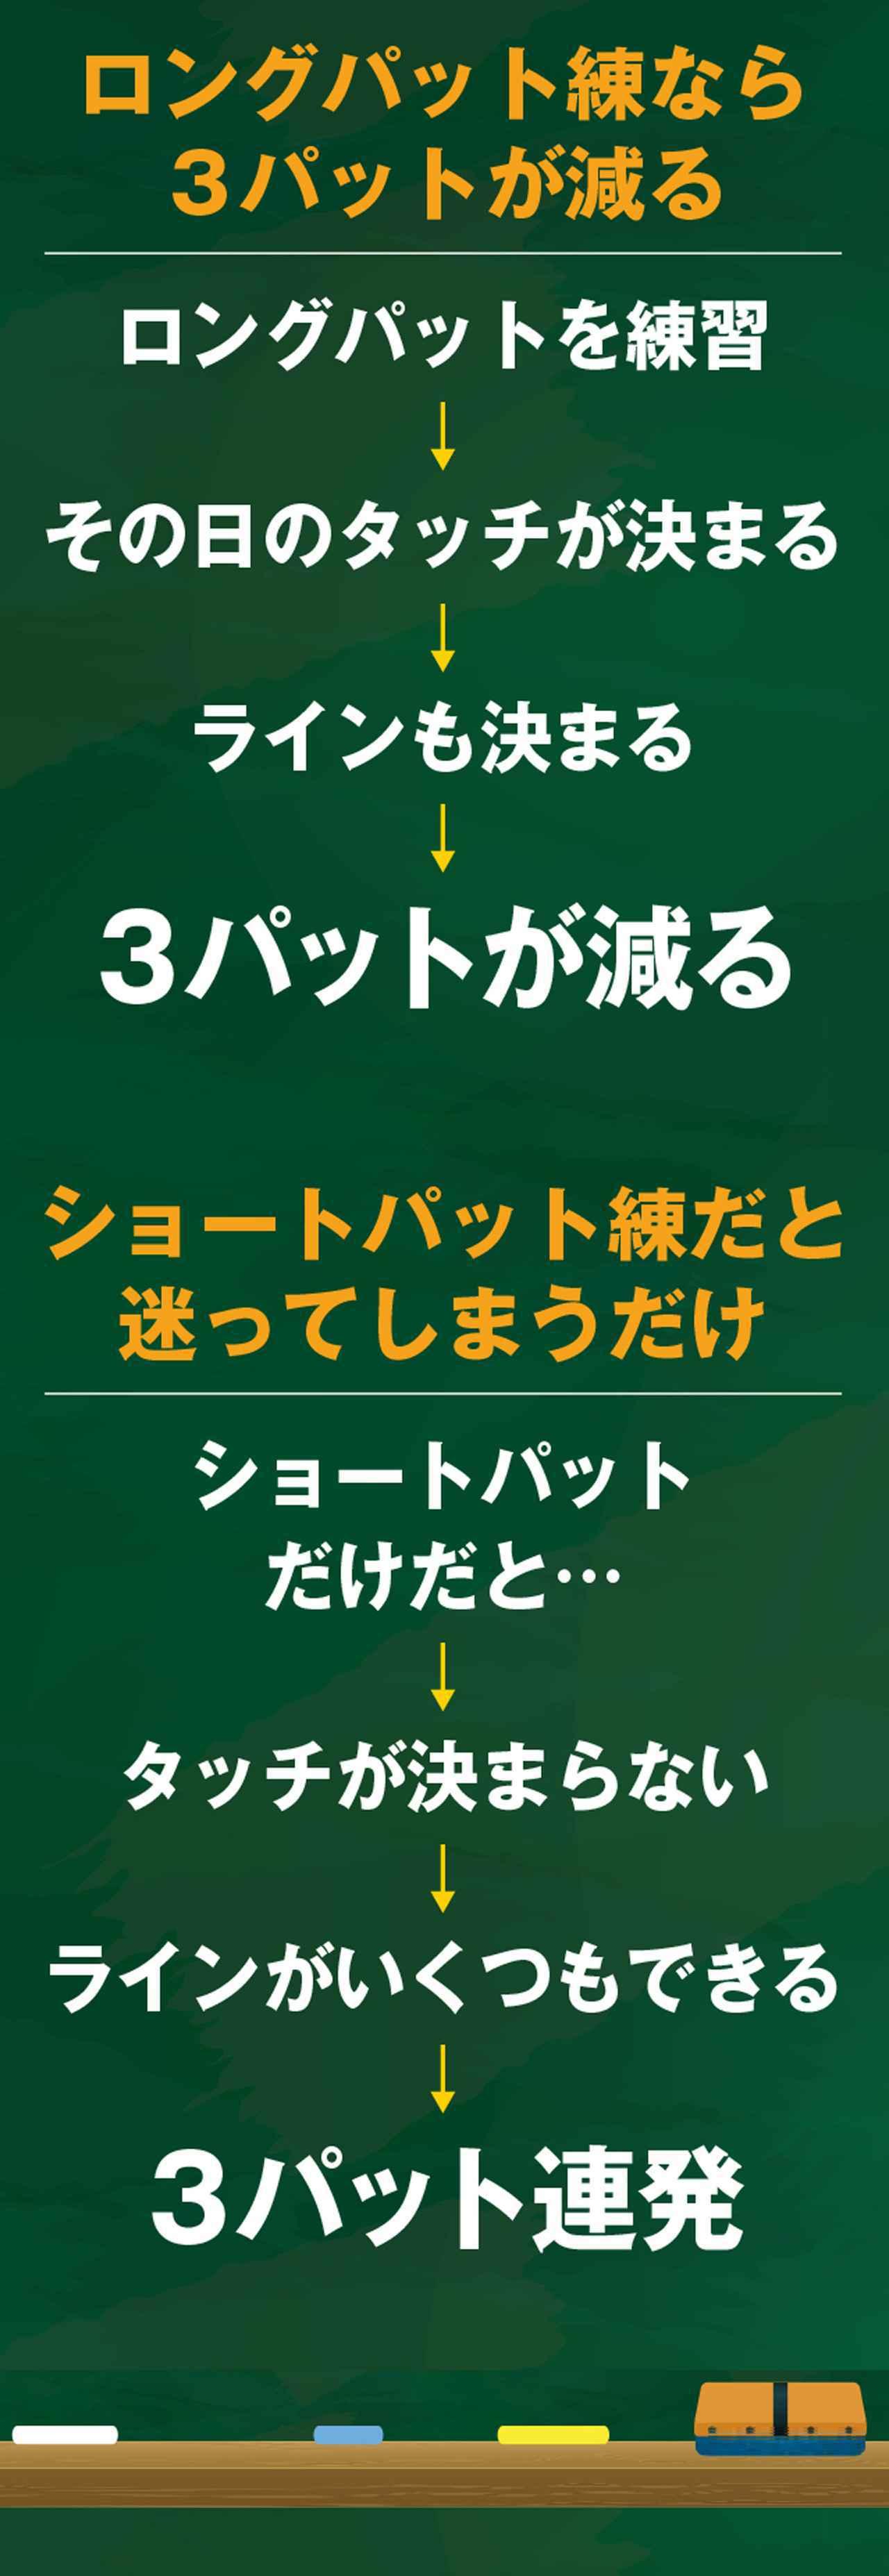 """画像: 【2限目距離感】 """"ヒデ兄""""は ロングパットしか練習しない"""